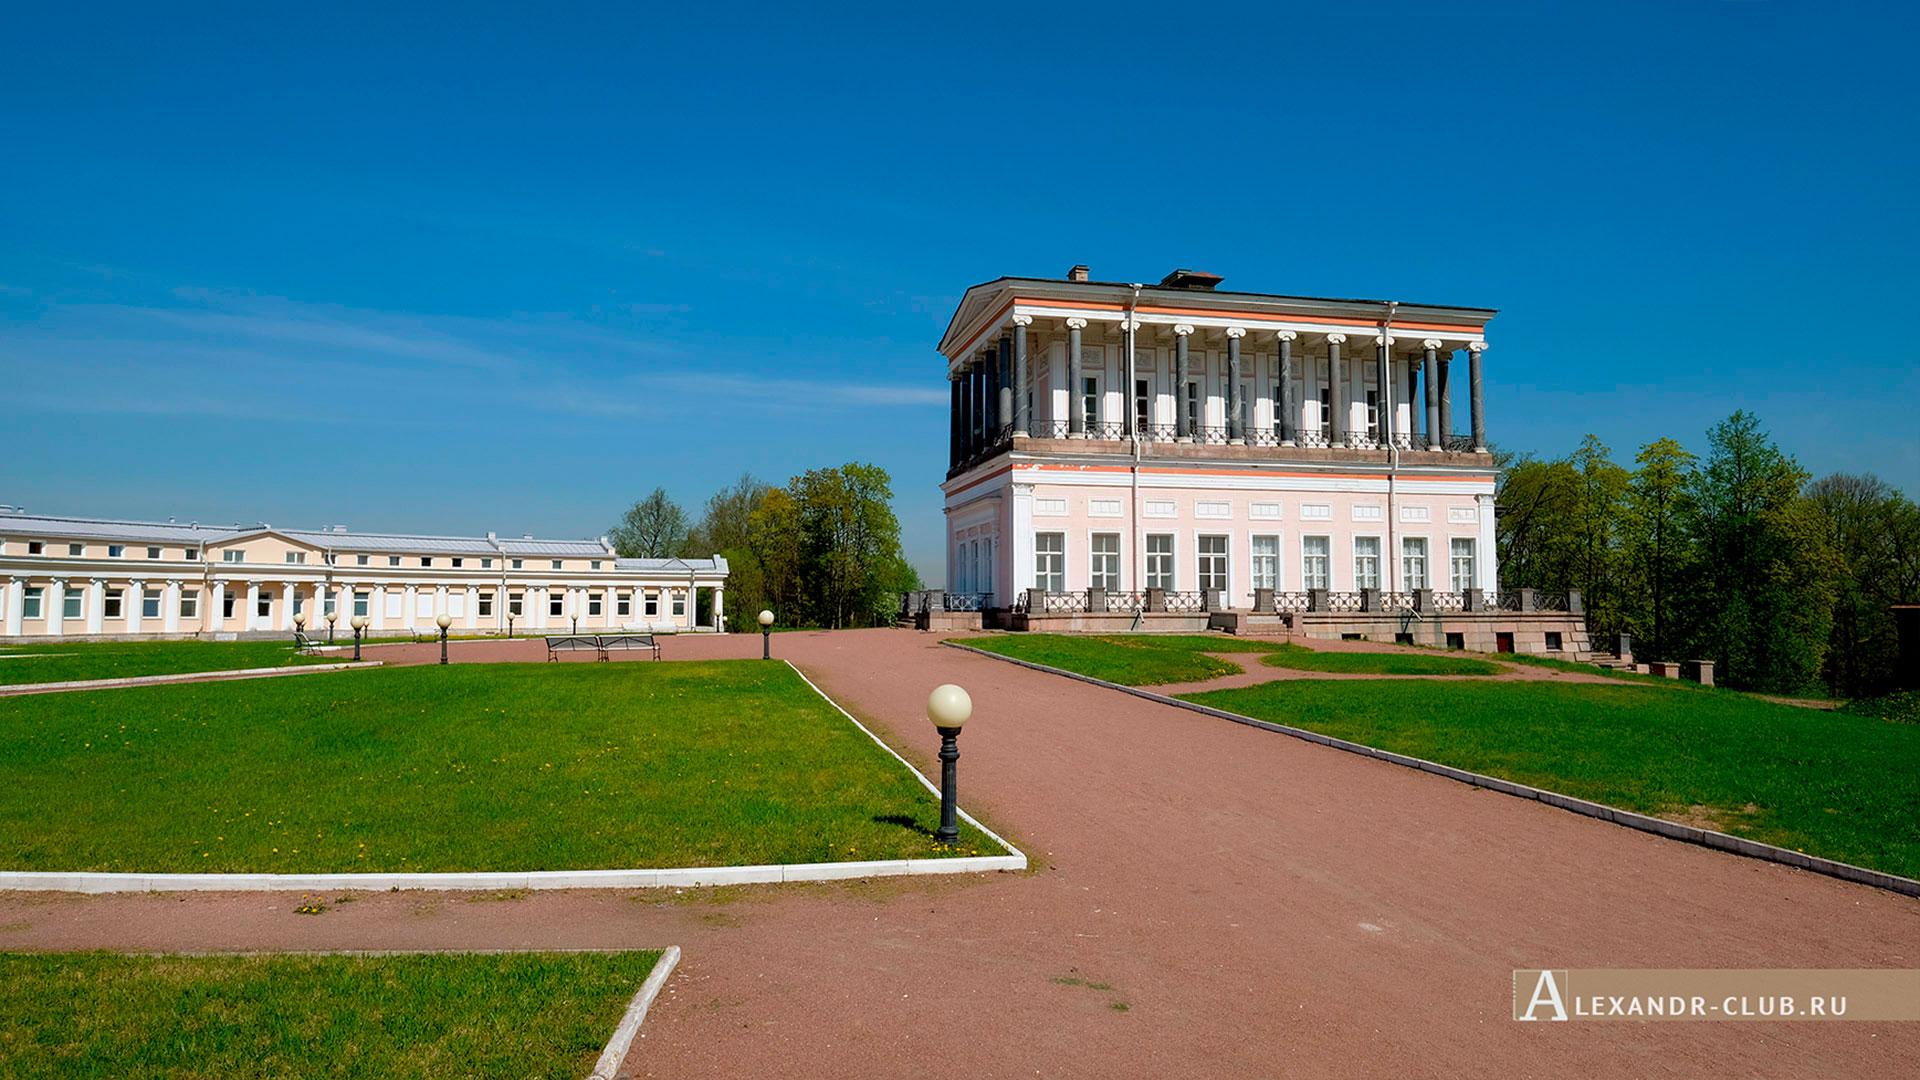 Петергоф, Луговой парк, весна, дворец Бельведер – 1